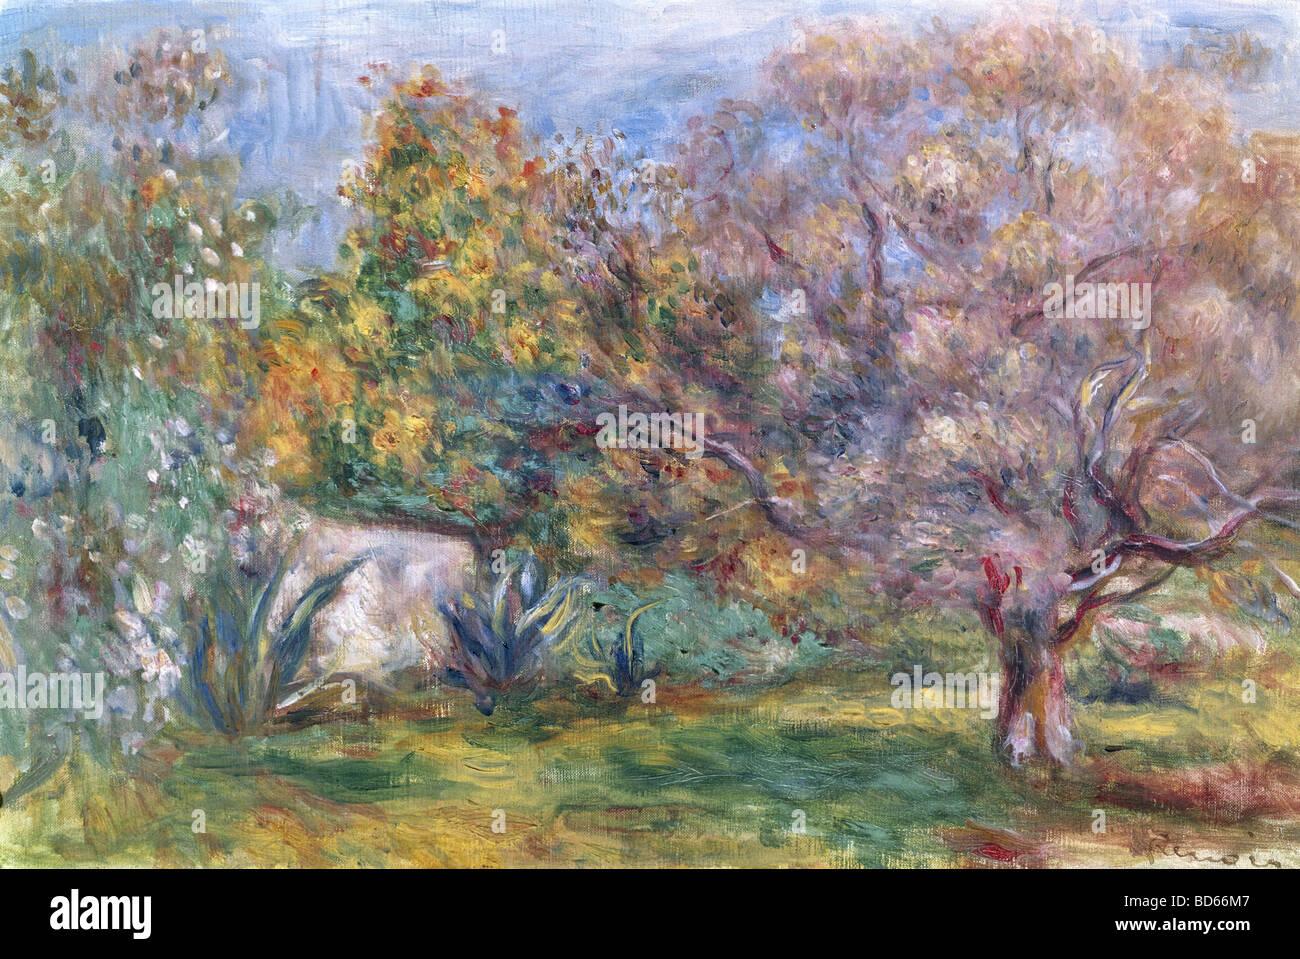 Finea, rts, Auguste Renoir (1841 - 1919), pintura, Jardín 'Live', el Museo Folkwang, de Essen, el impresionismo, Imagen De Stock